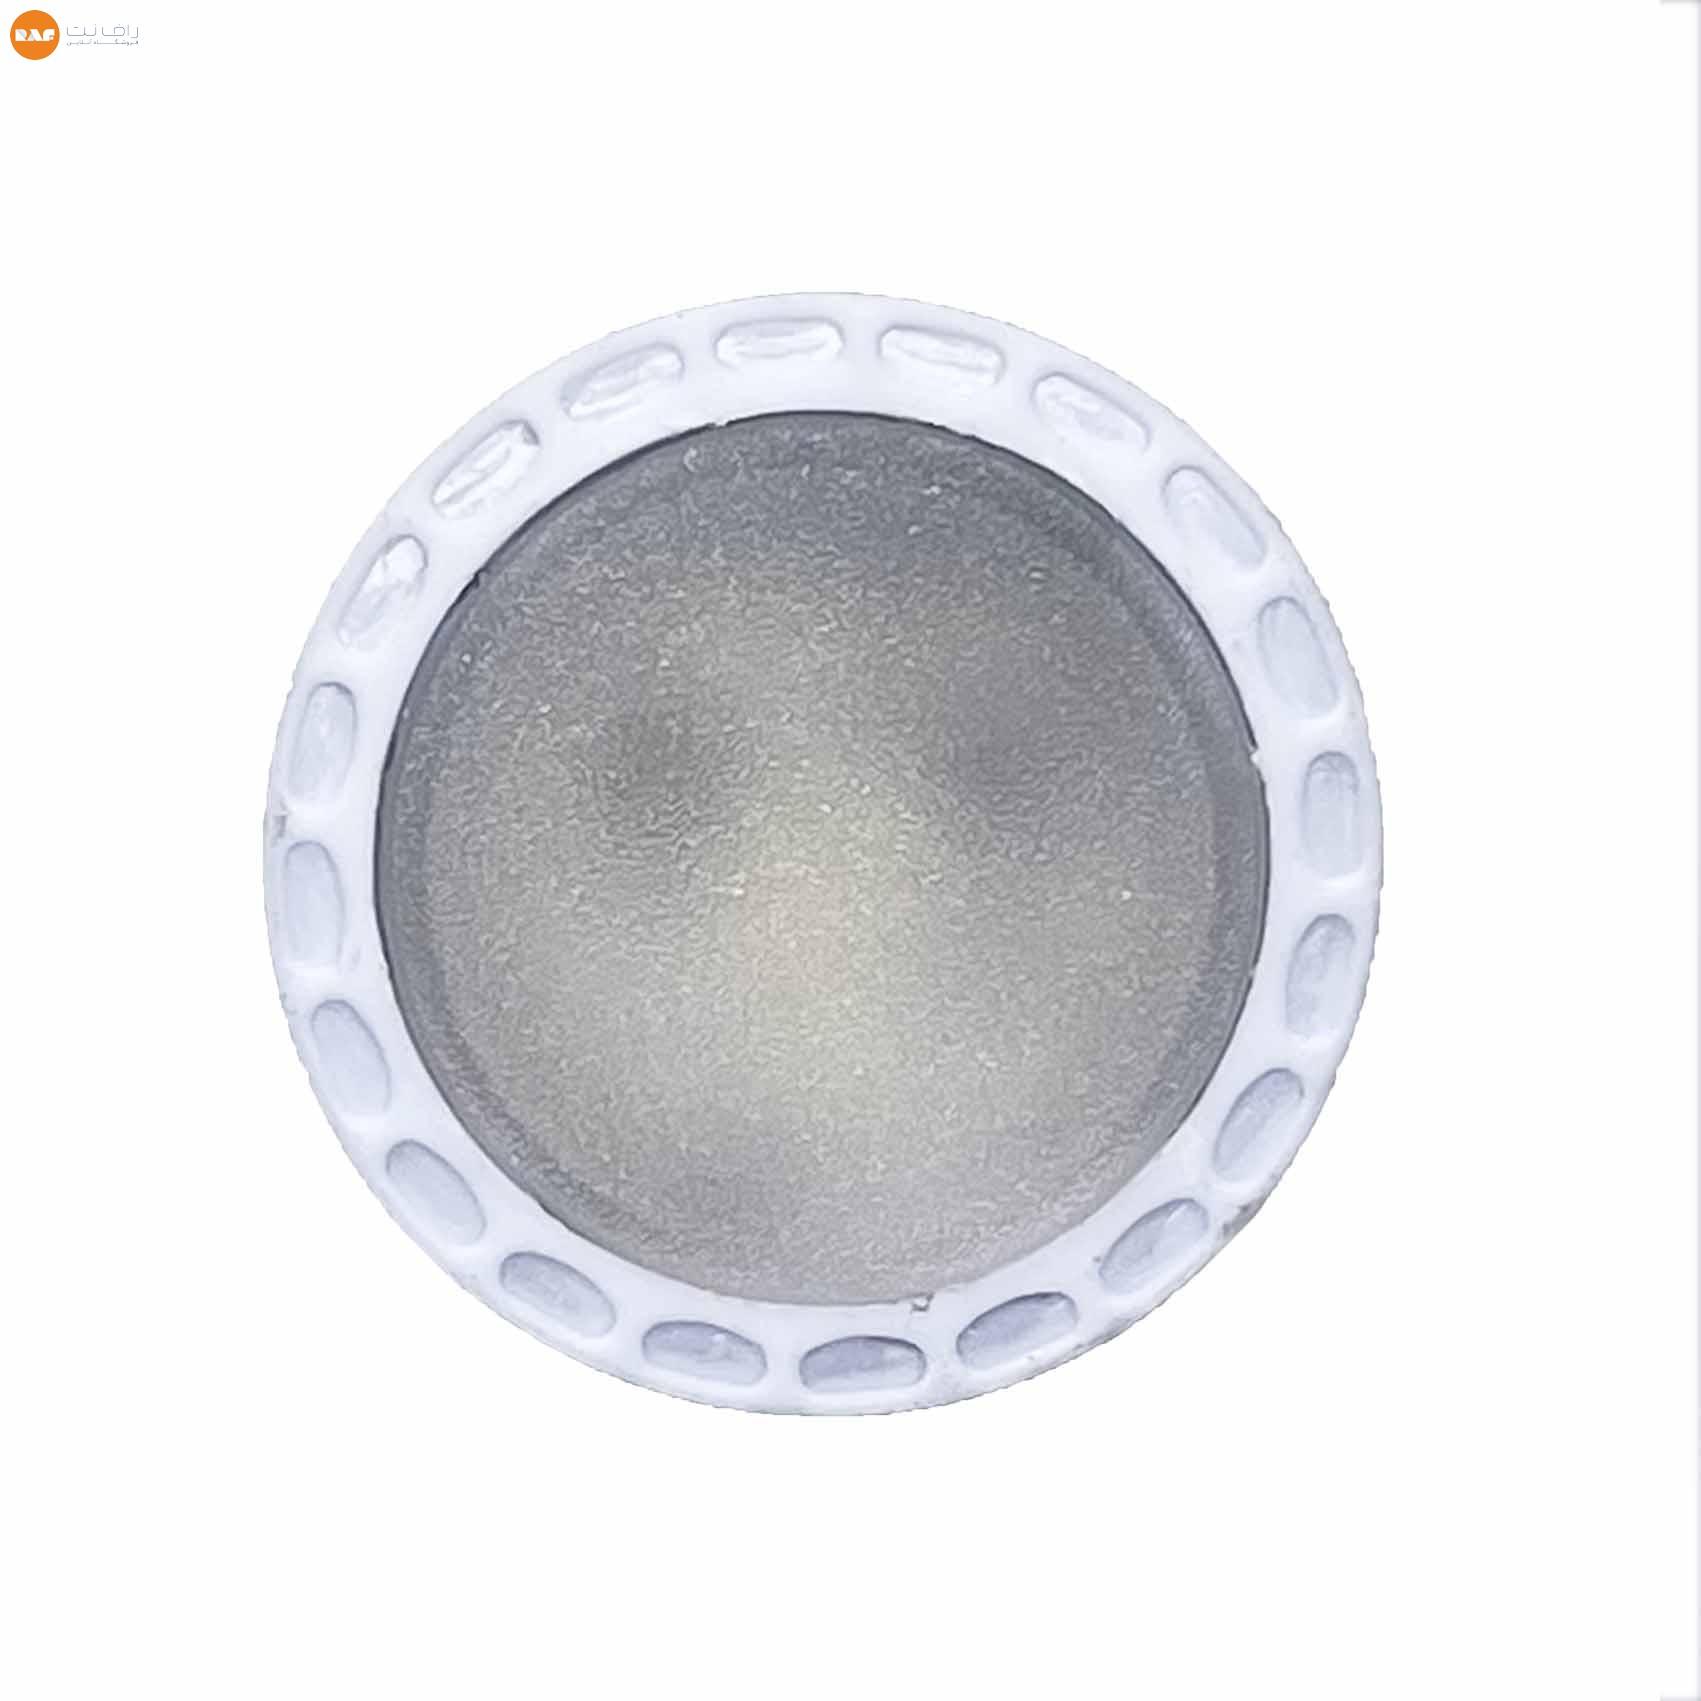 لامپ هالوژنی 6 وات زانیس مدل طلقی پایه استارتی